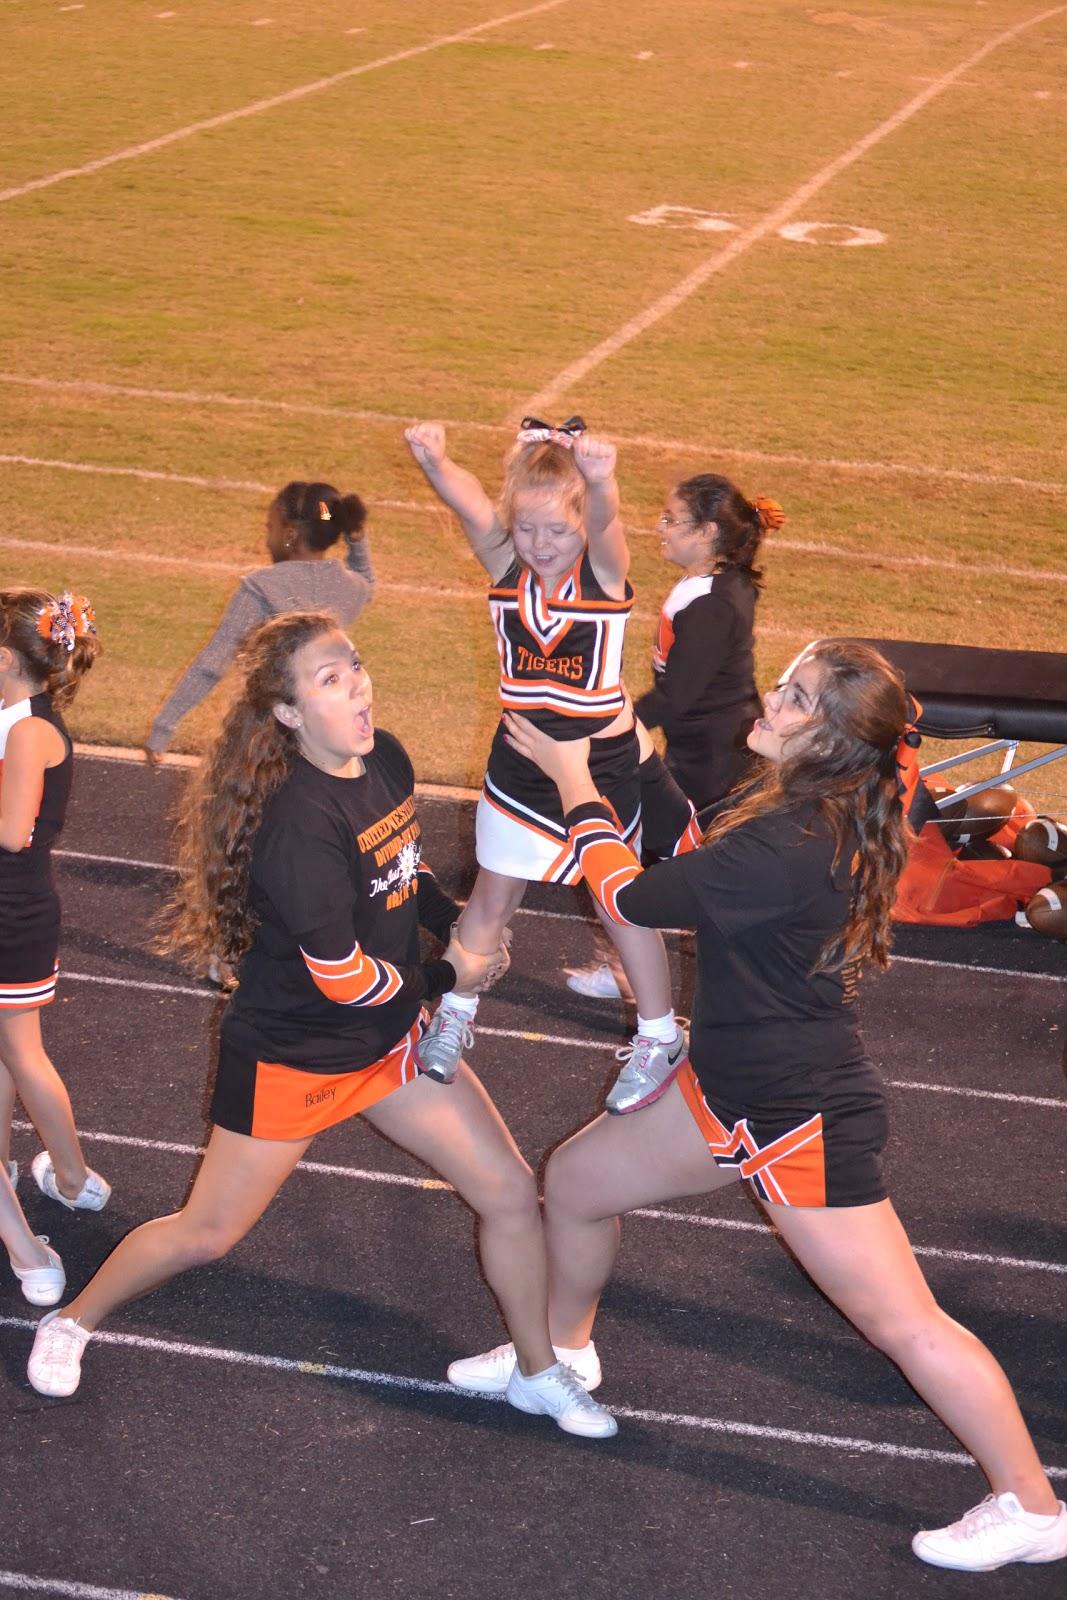 SMITH STORIES: Our mini cheerleader / Playoff bound!